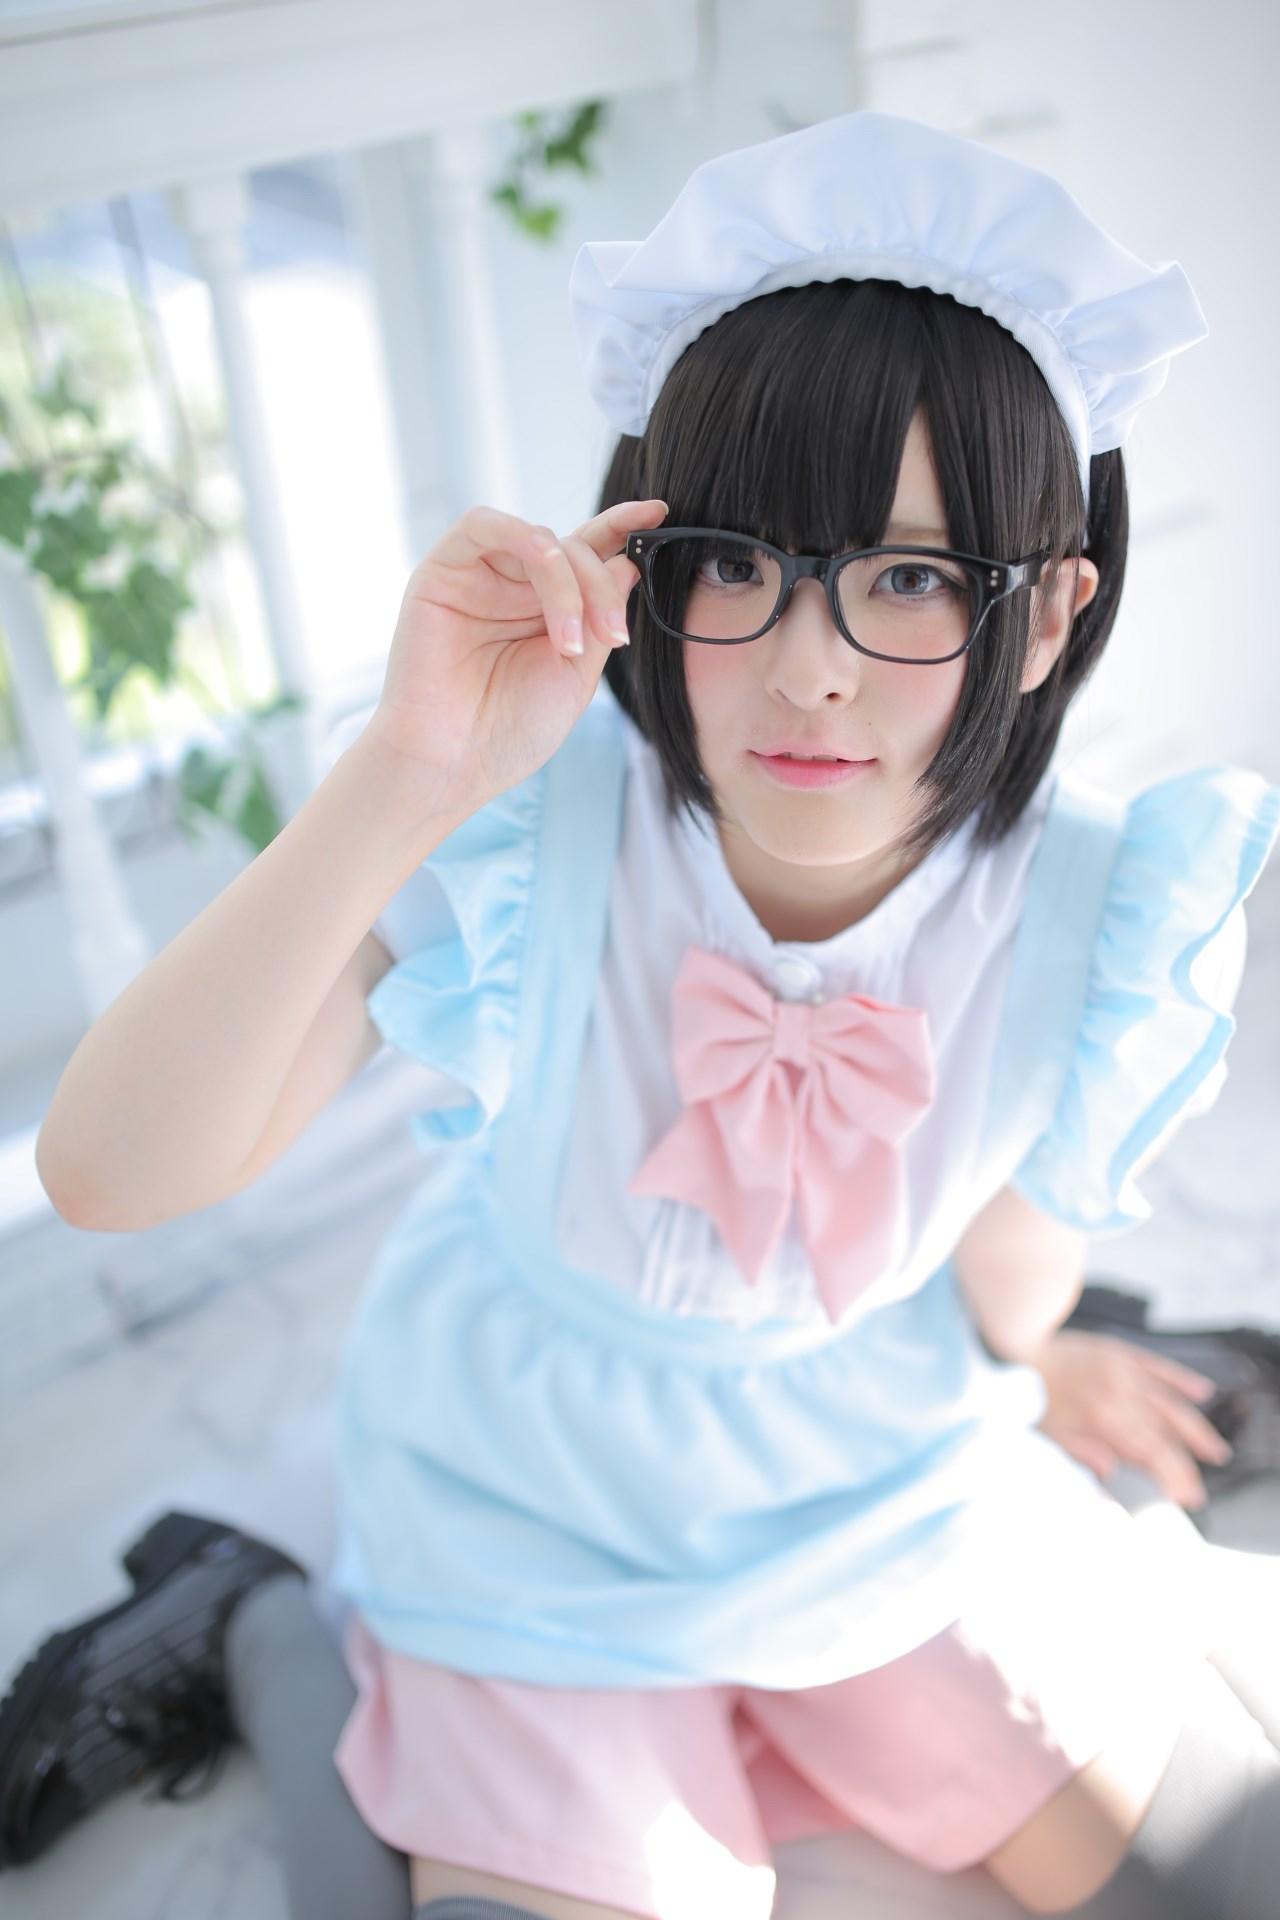 【兔玩映画】眼镜女仆 兔玩映画 第140张